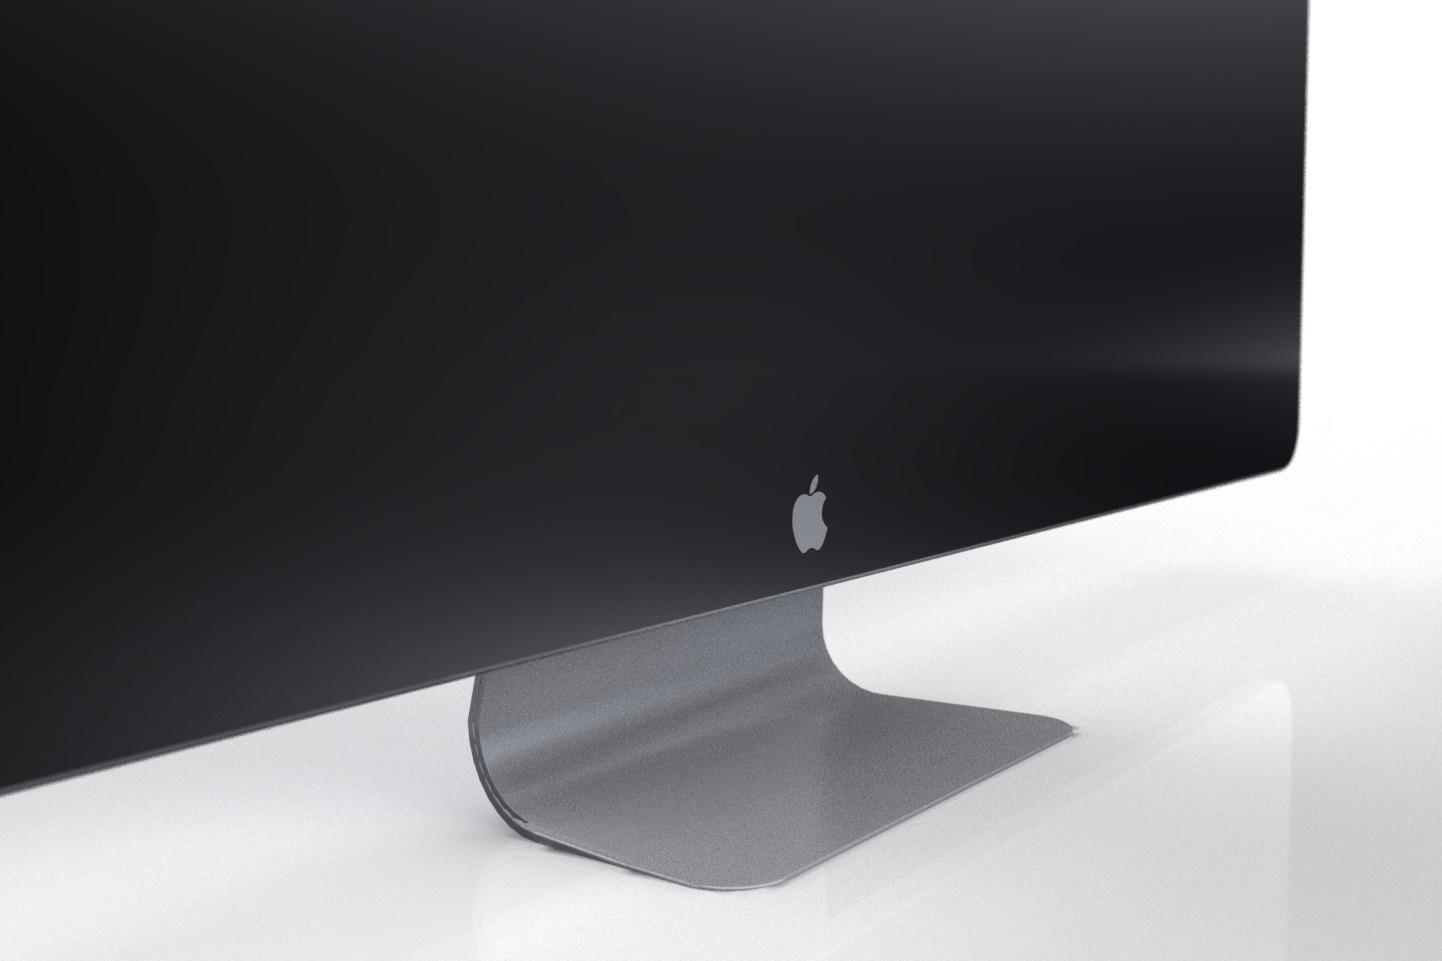 Imagem de Fotos borradas são atribuídas a suposta TV de 60'' da Apple no tecmundo